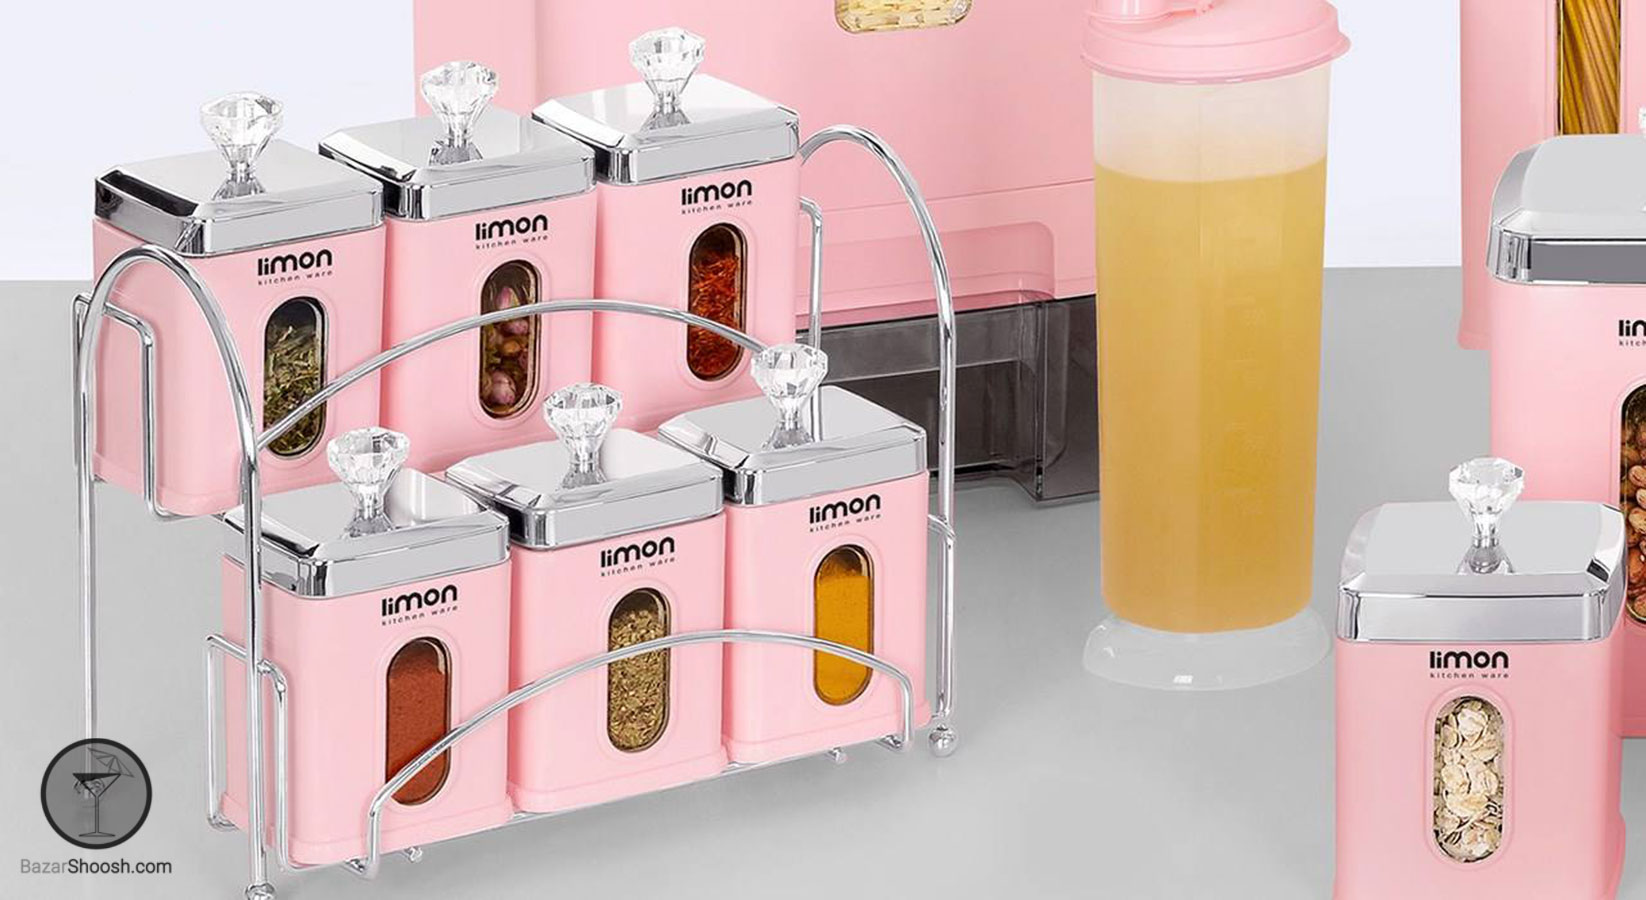 سرویس آشپزخانه 22 پارچه چهارگوش لیمون رنگ صورتی پاستیلی Bazarshoosh